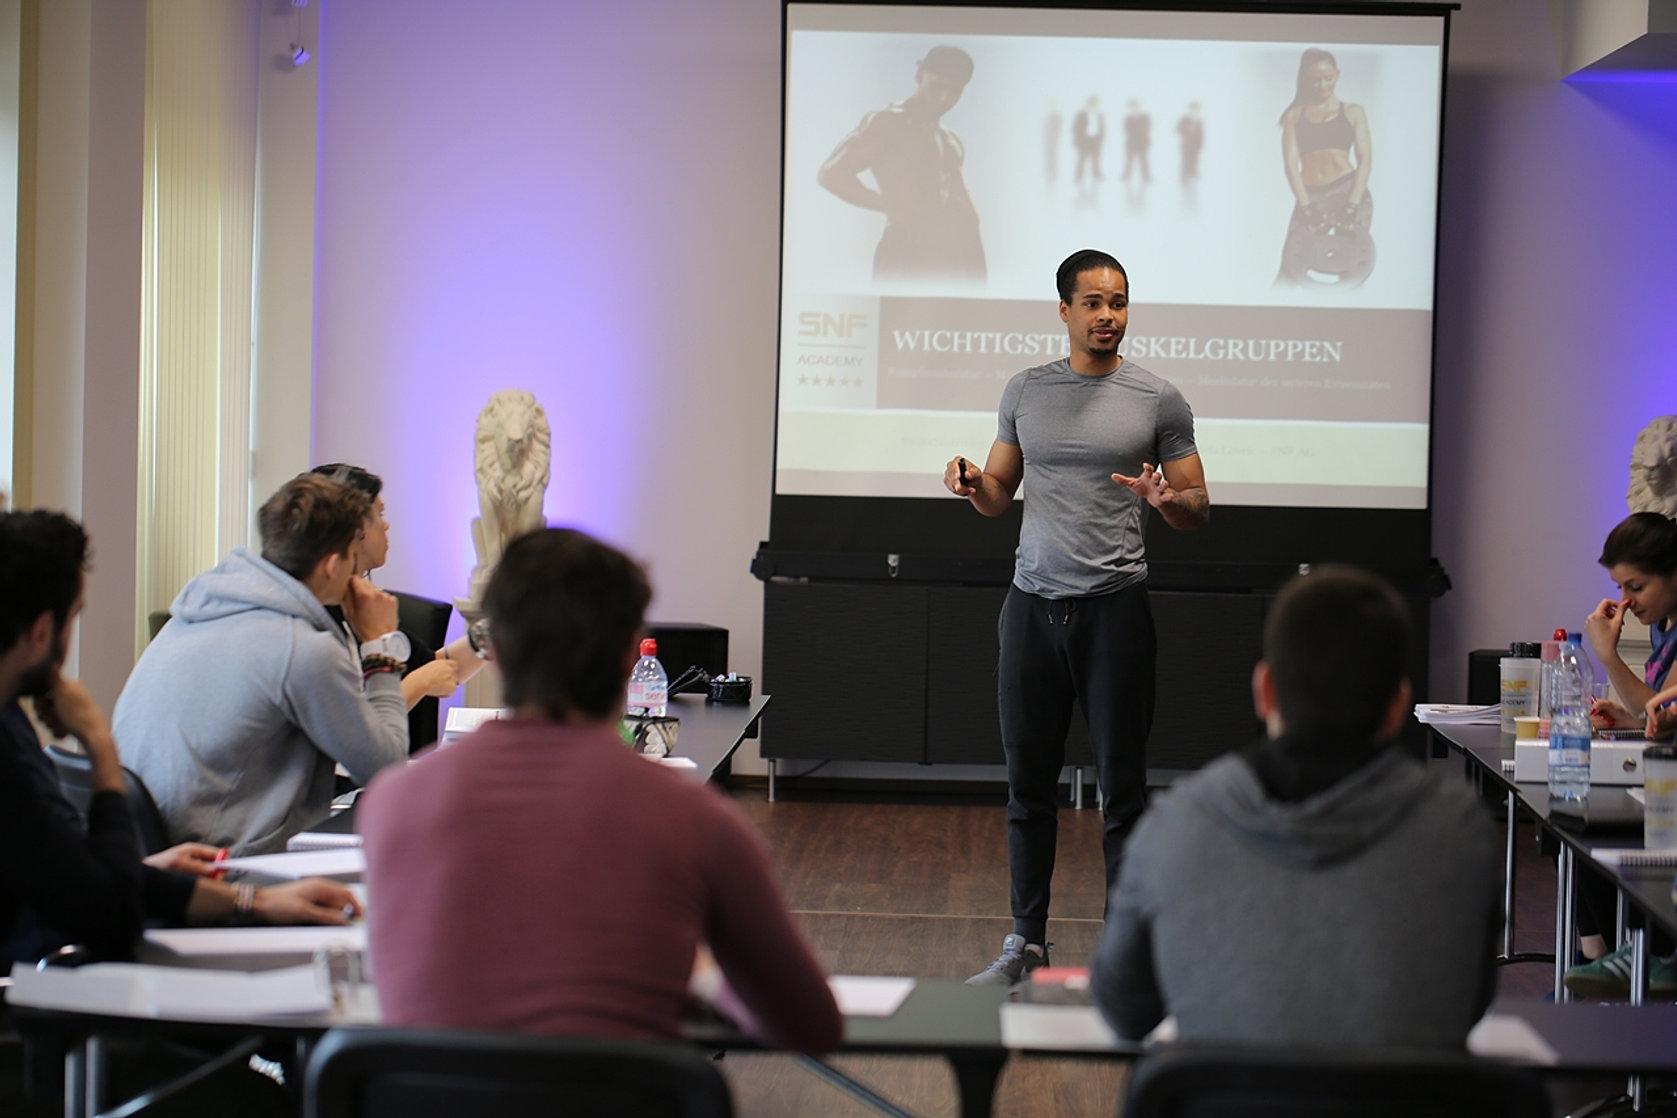 Ausbildung mentalcoach mentaltrainer ausbidung schweiz for Innendekoration ausbildung bern